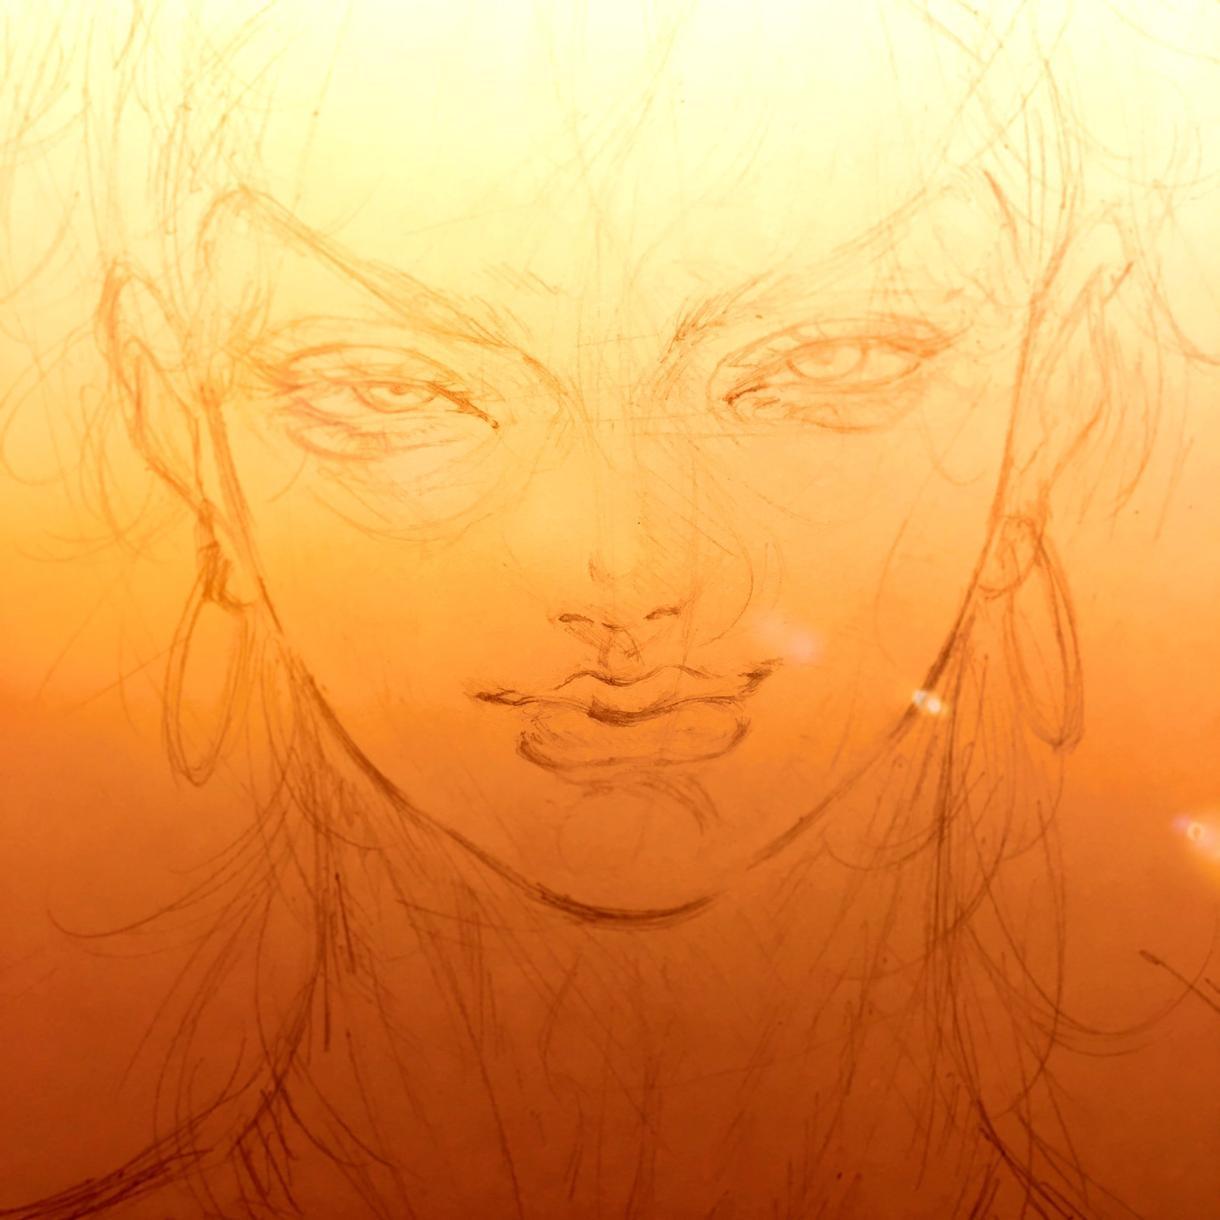 ペン入れ、加工代行いたします 【命をふきこまれたあなたの絵は、きらきら輝く】